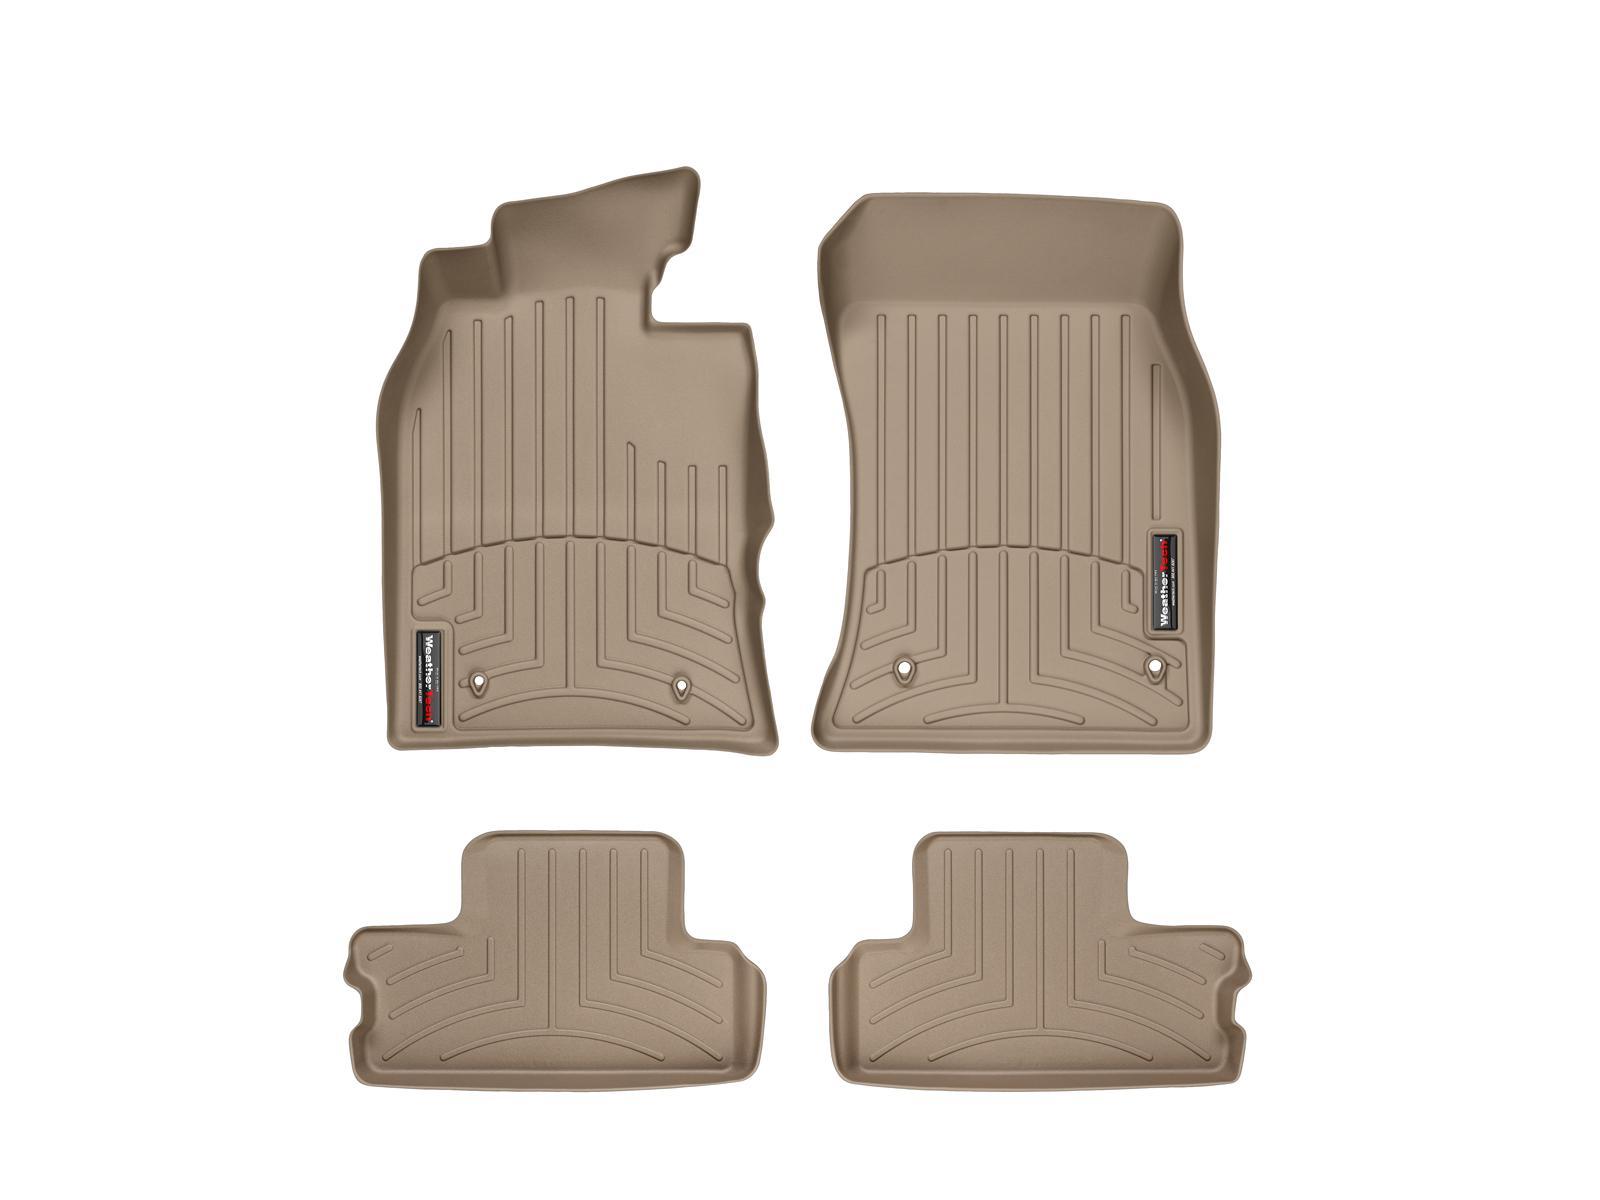 Tappeti gomma su misura bordo alto MINI Cooper / Cooper S 02>06 Marrone A2665*